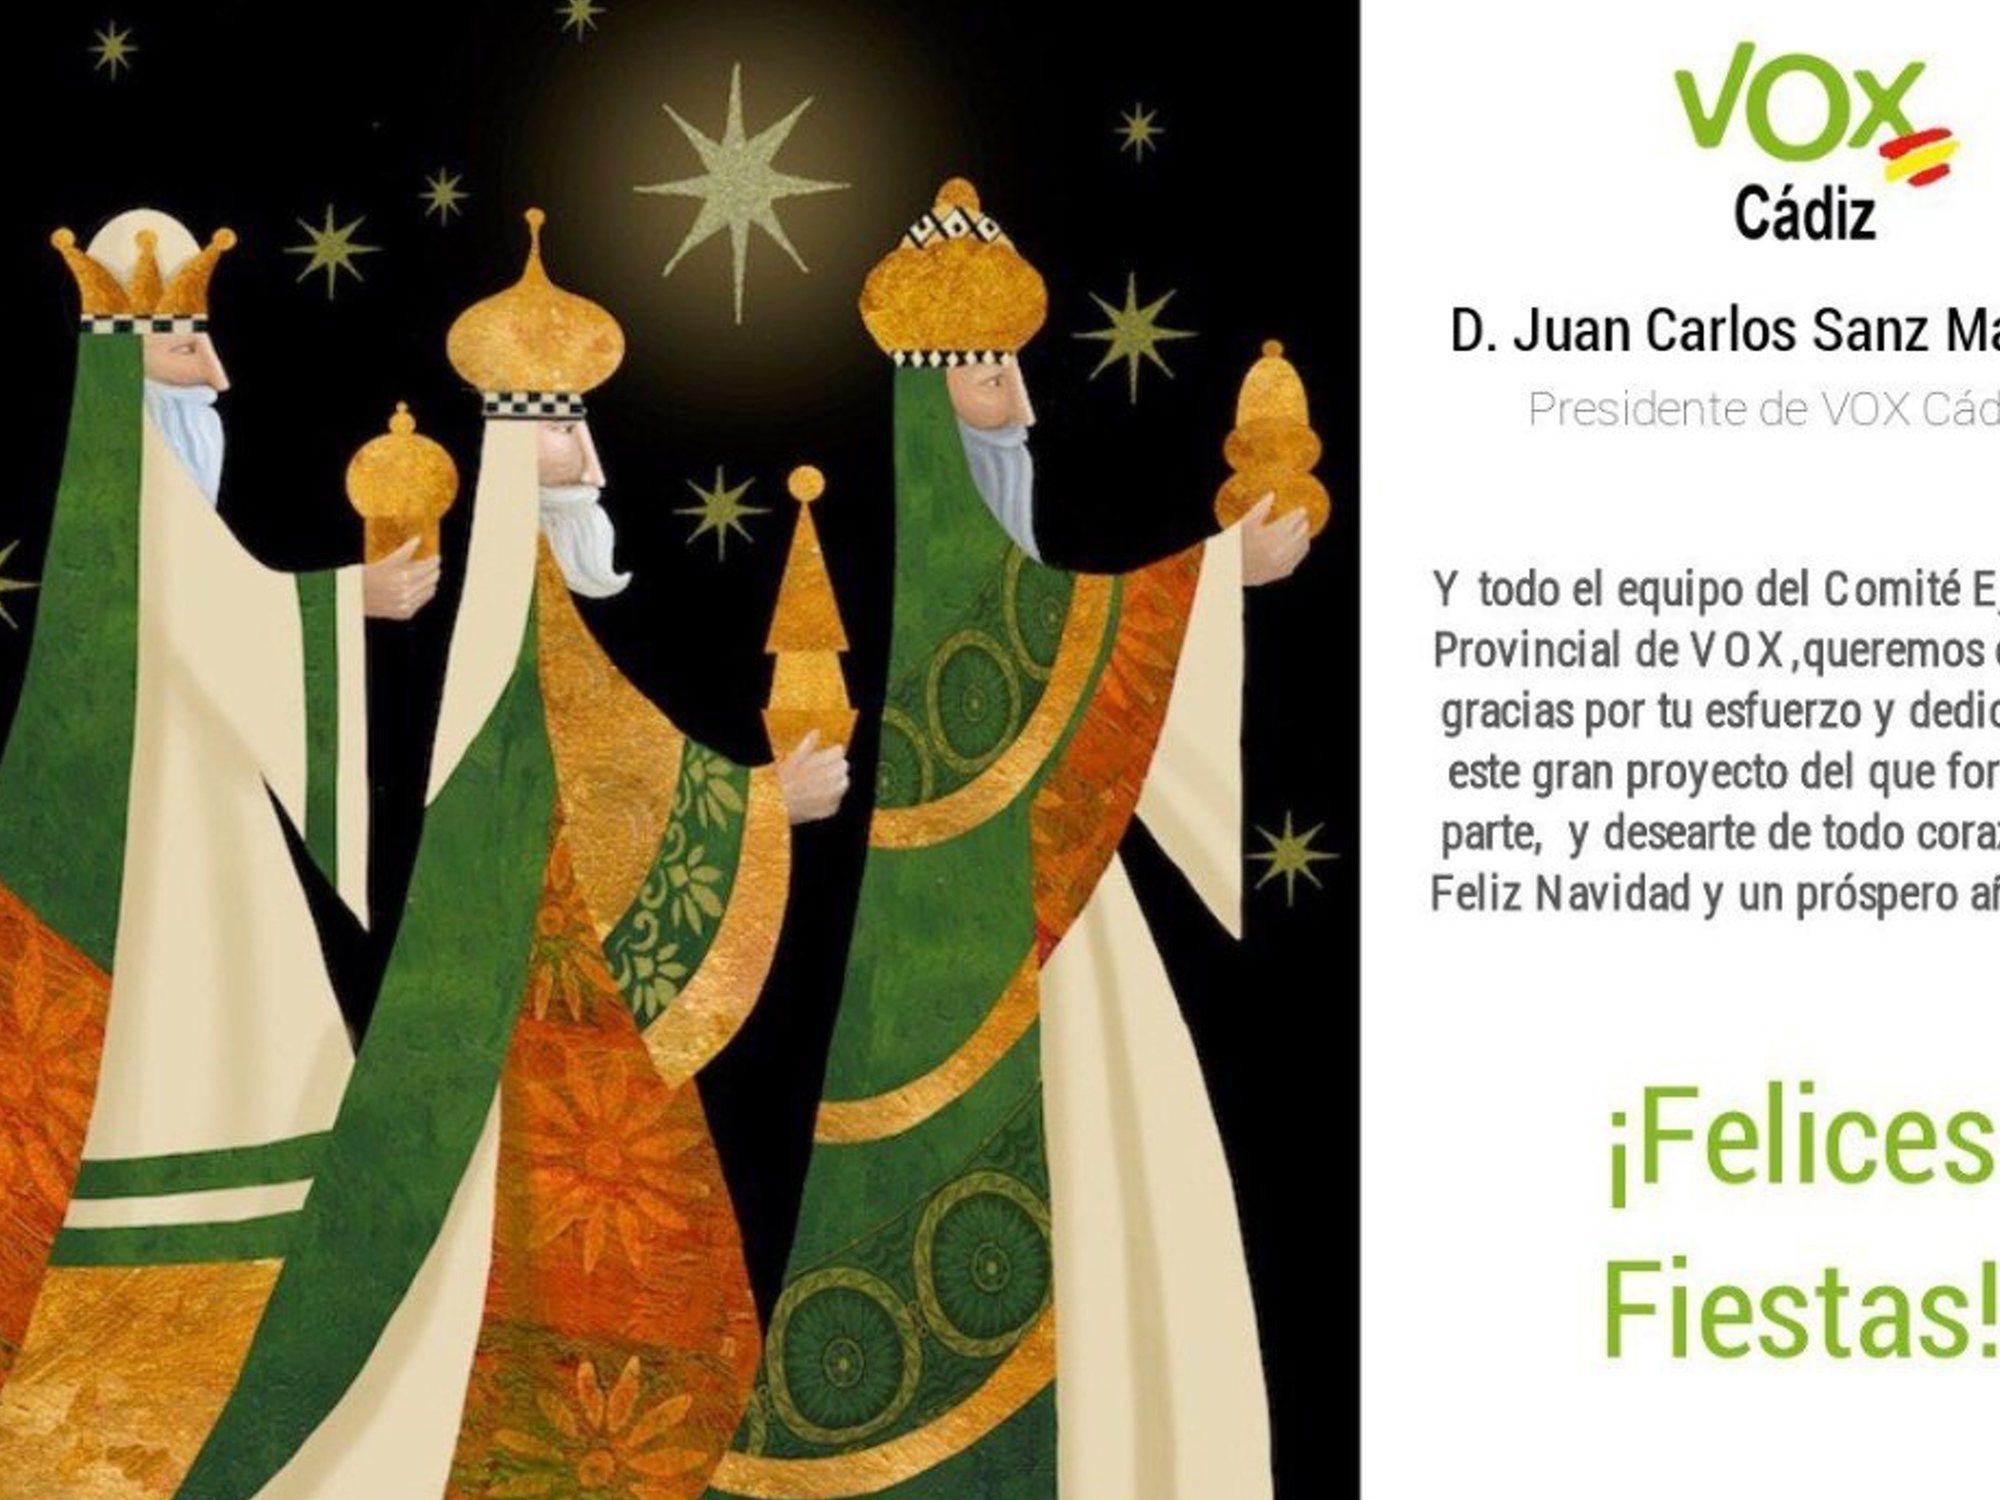 VOX envía una postal navideña a sus afiliados con tres reyes magos blancos